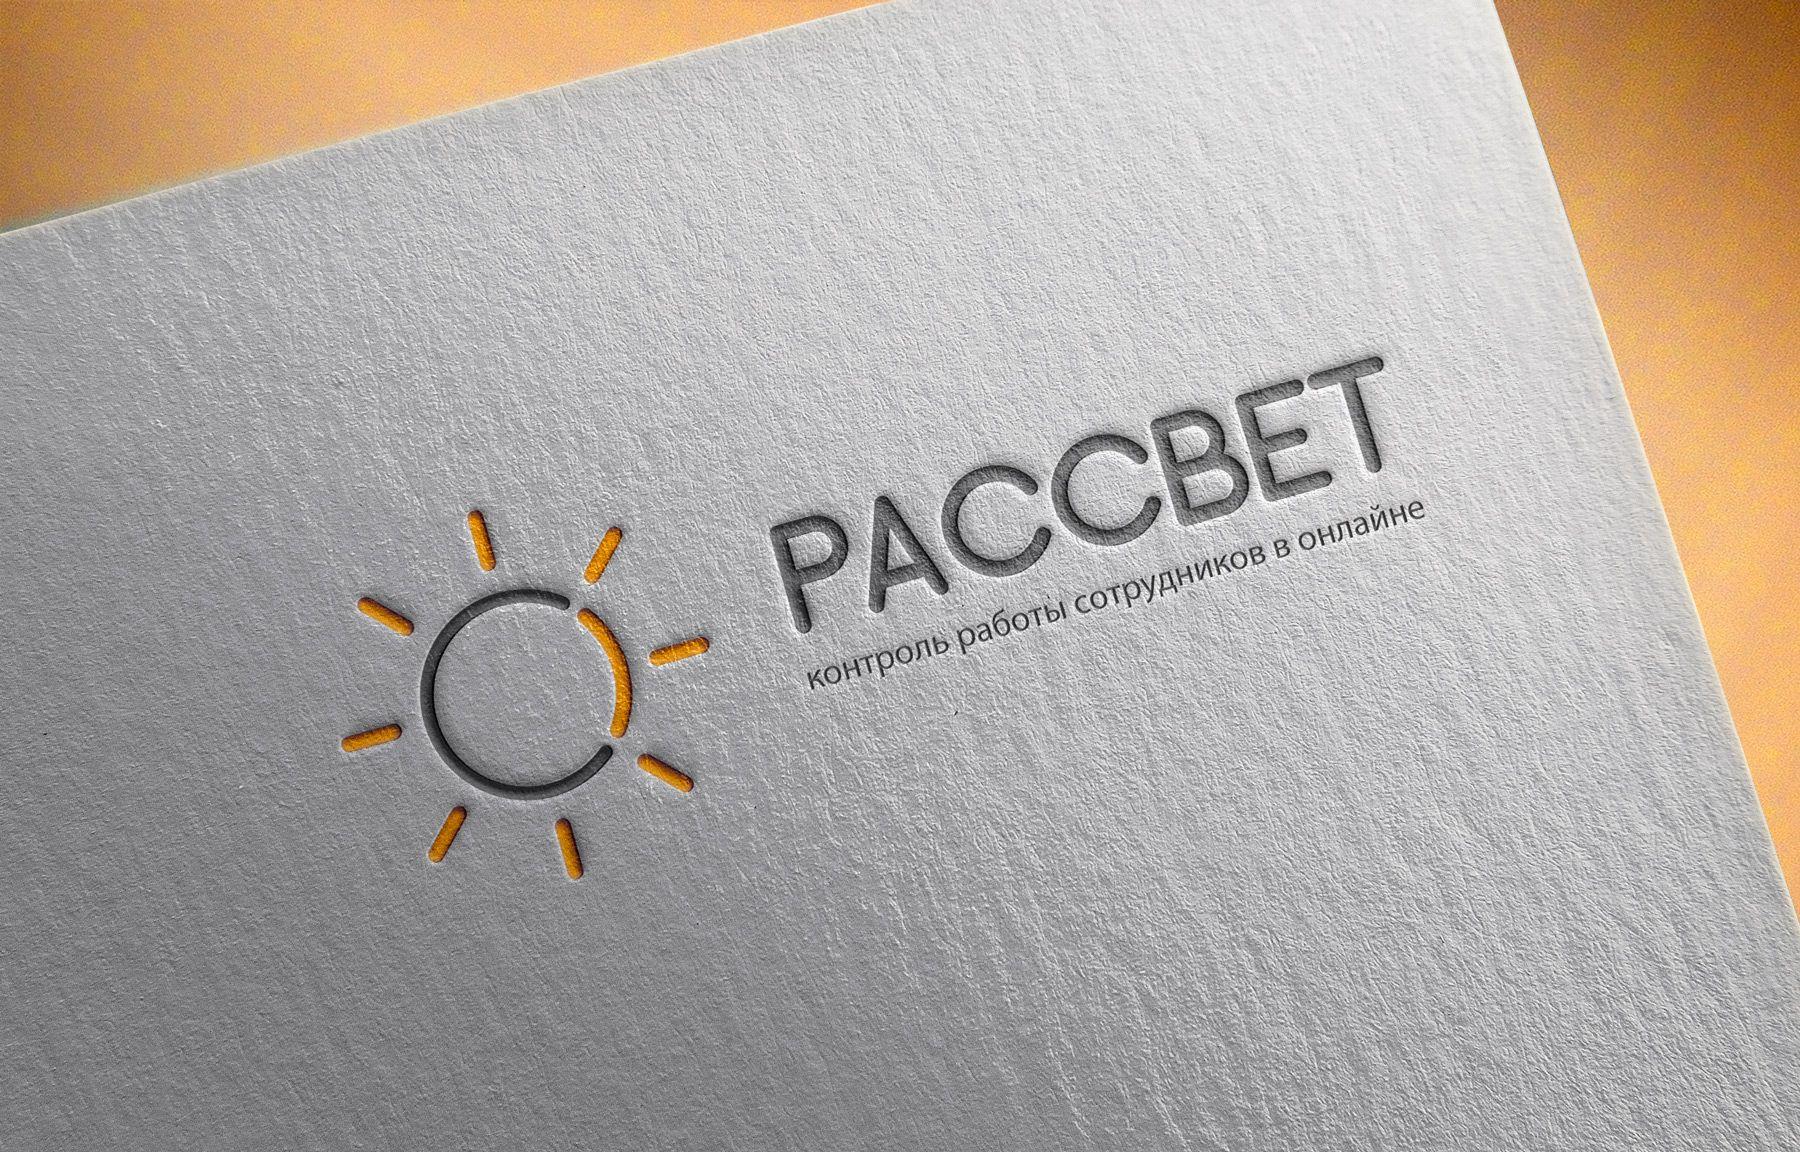 Лого и фирменный стиль для Рассвет - дизайнер repka